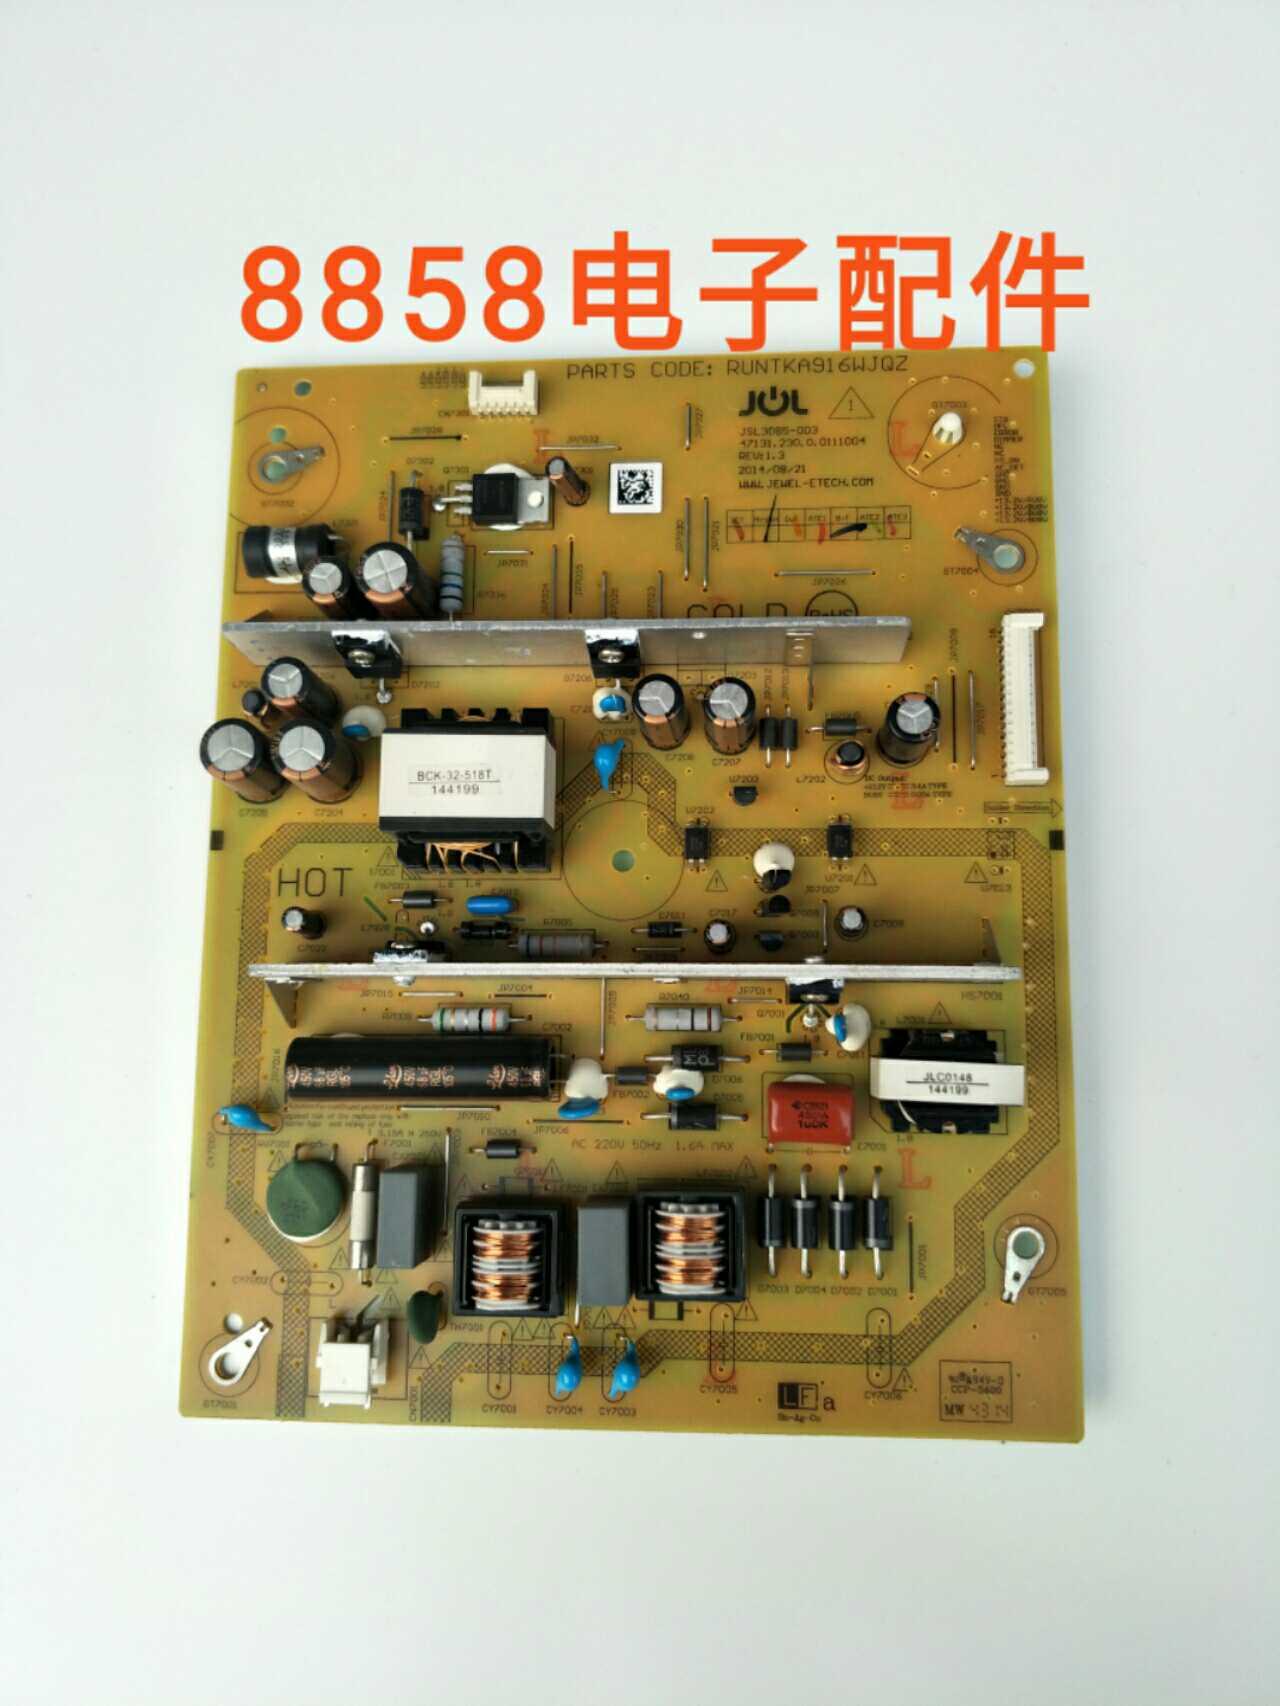 D'une télévision à cristaux liquides LC-40A11A une carte d'alimentation 3085-0034713.230.0.0111004 Sharp